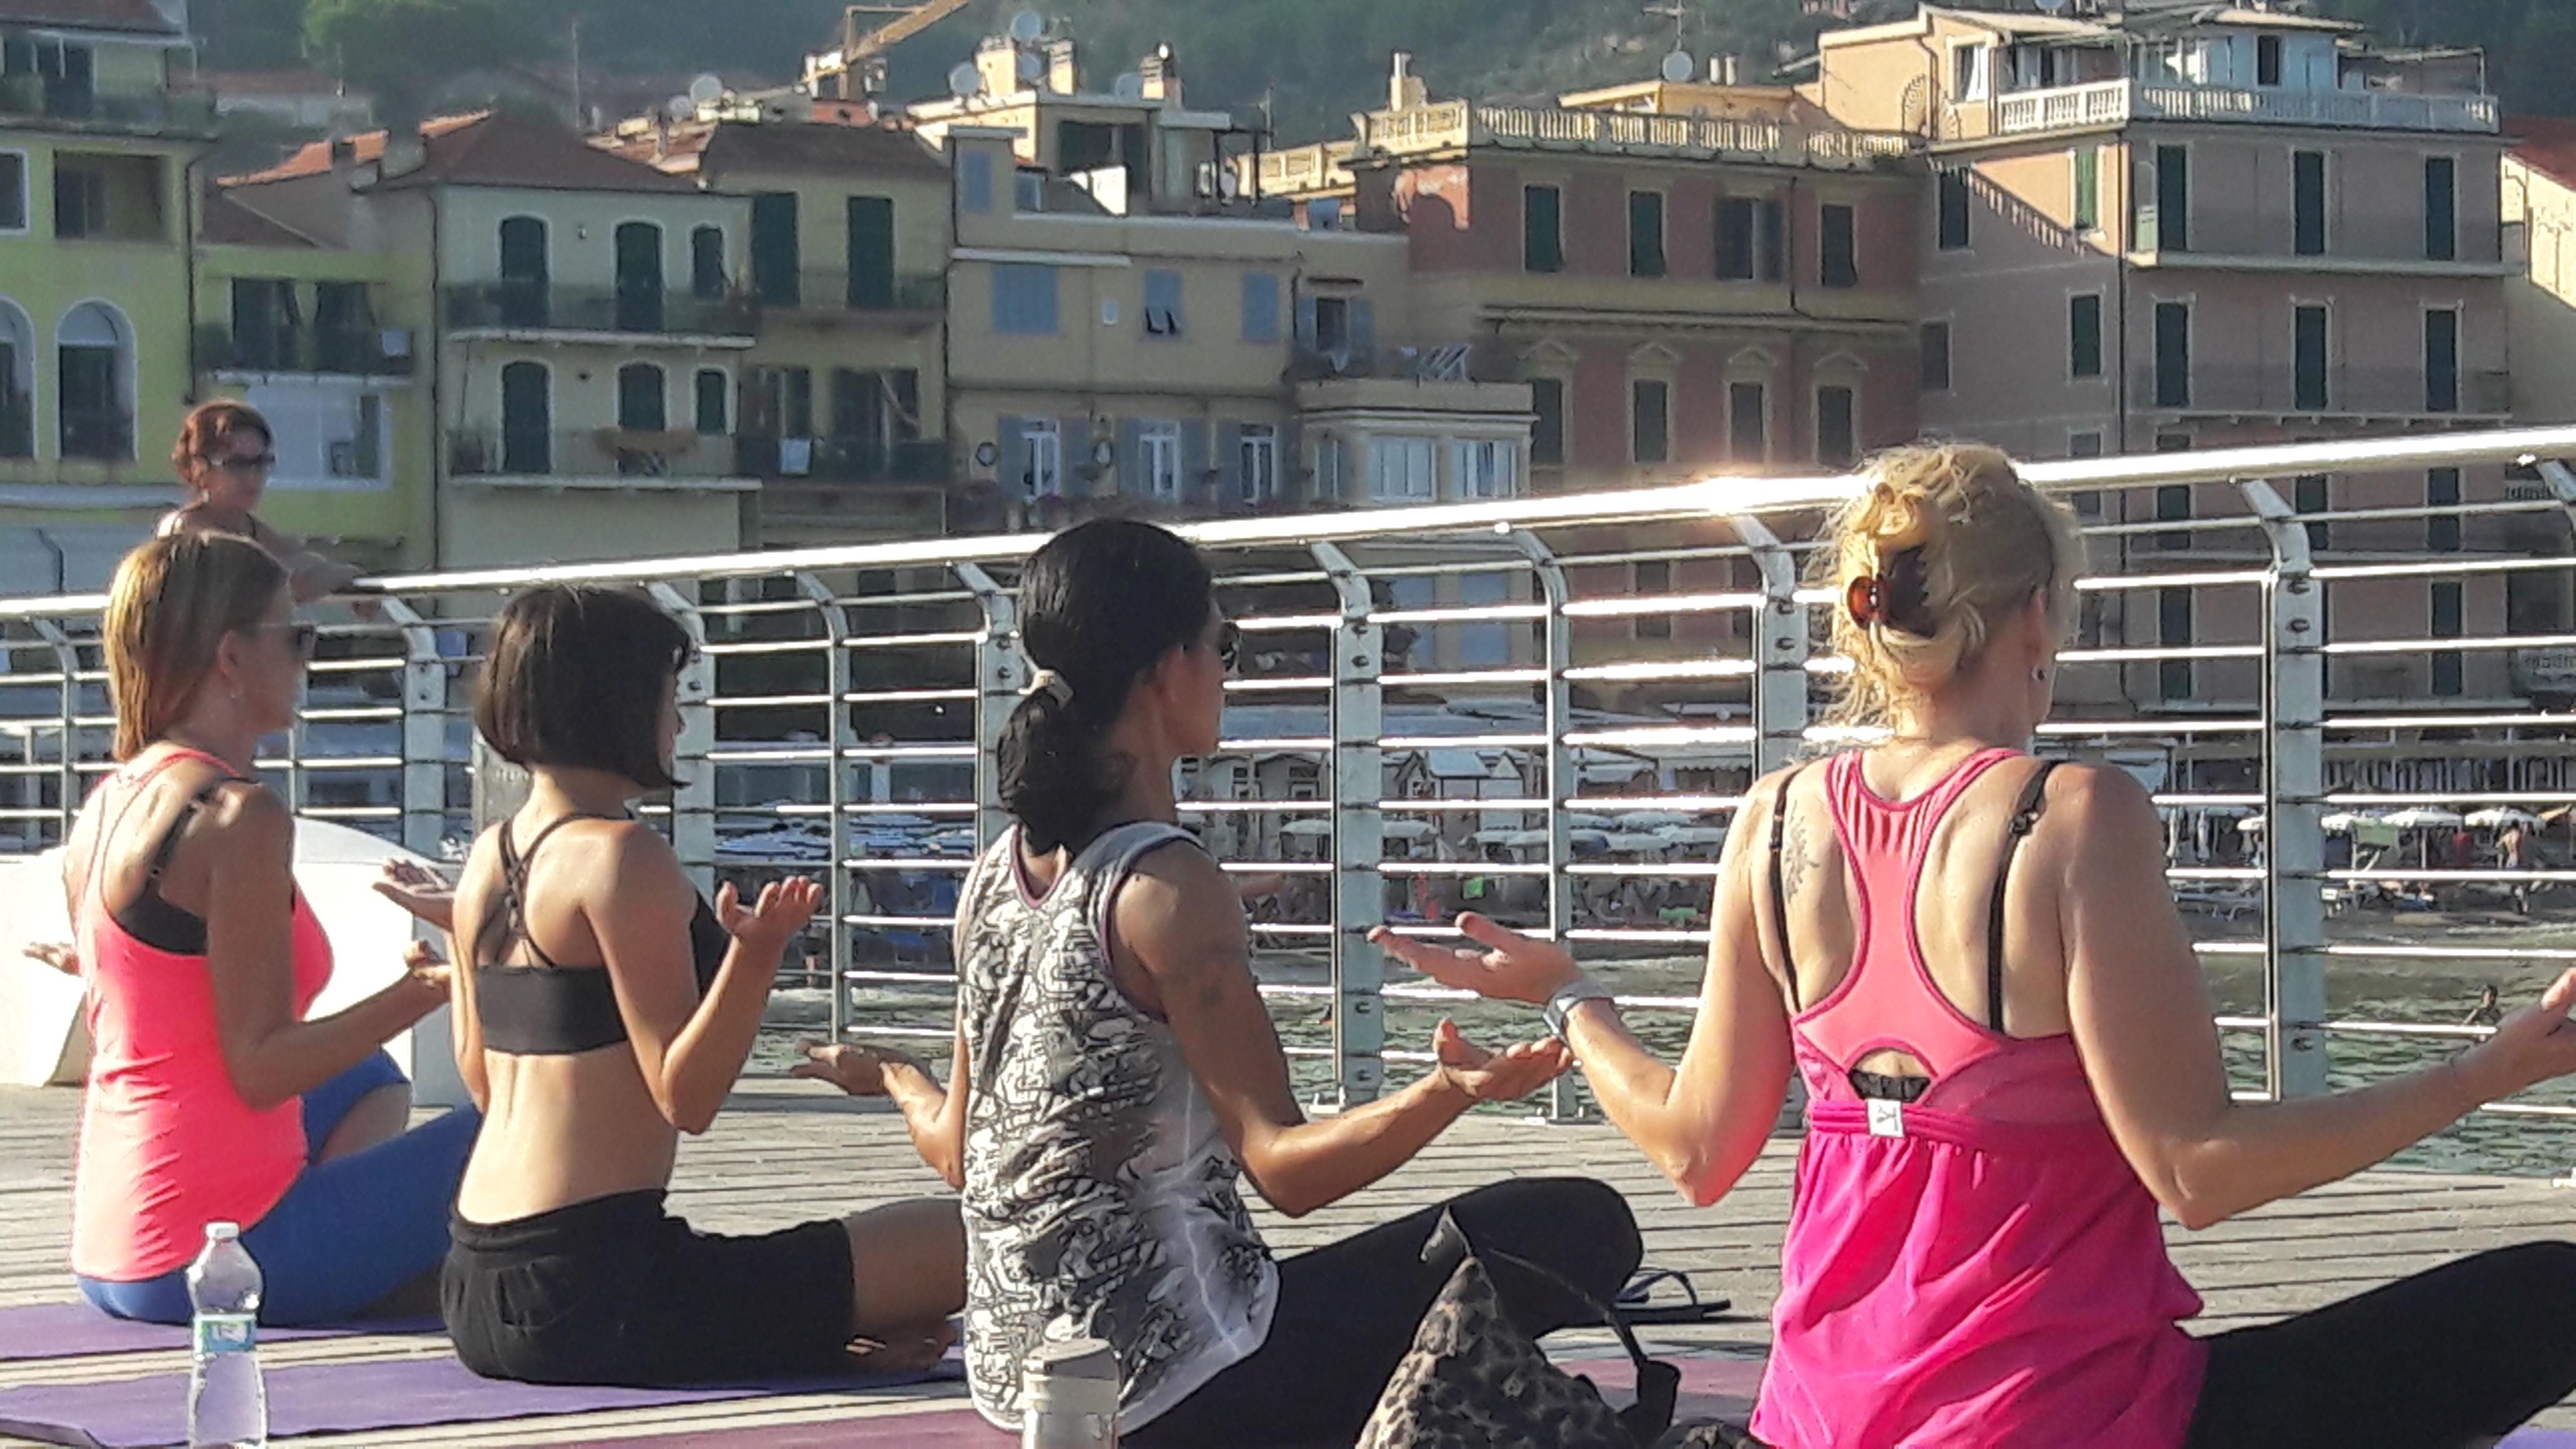 1_essere-free-yoga-gratuito-benessere-per-tutti-village-citta-alassio-estate-lucia-ragazzi-summer-town-wellness-065